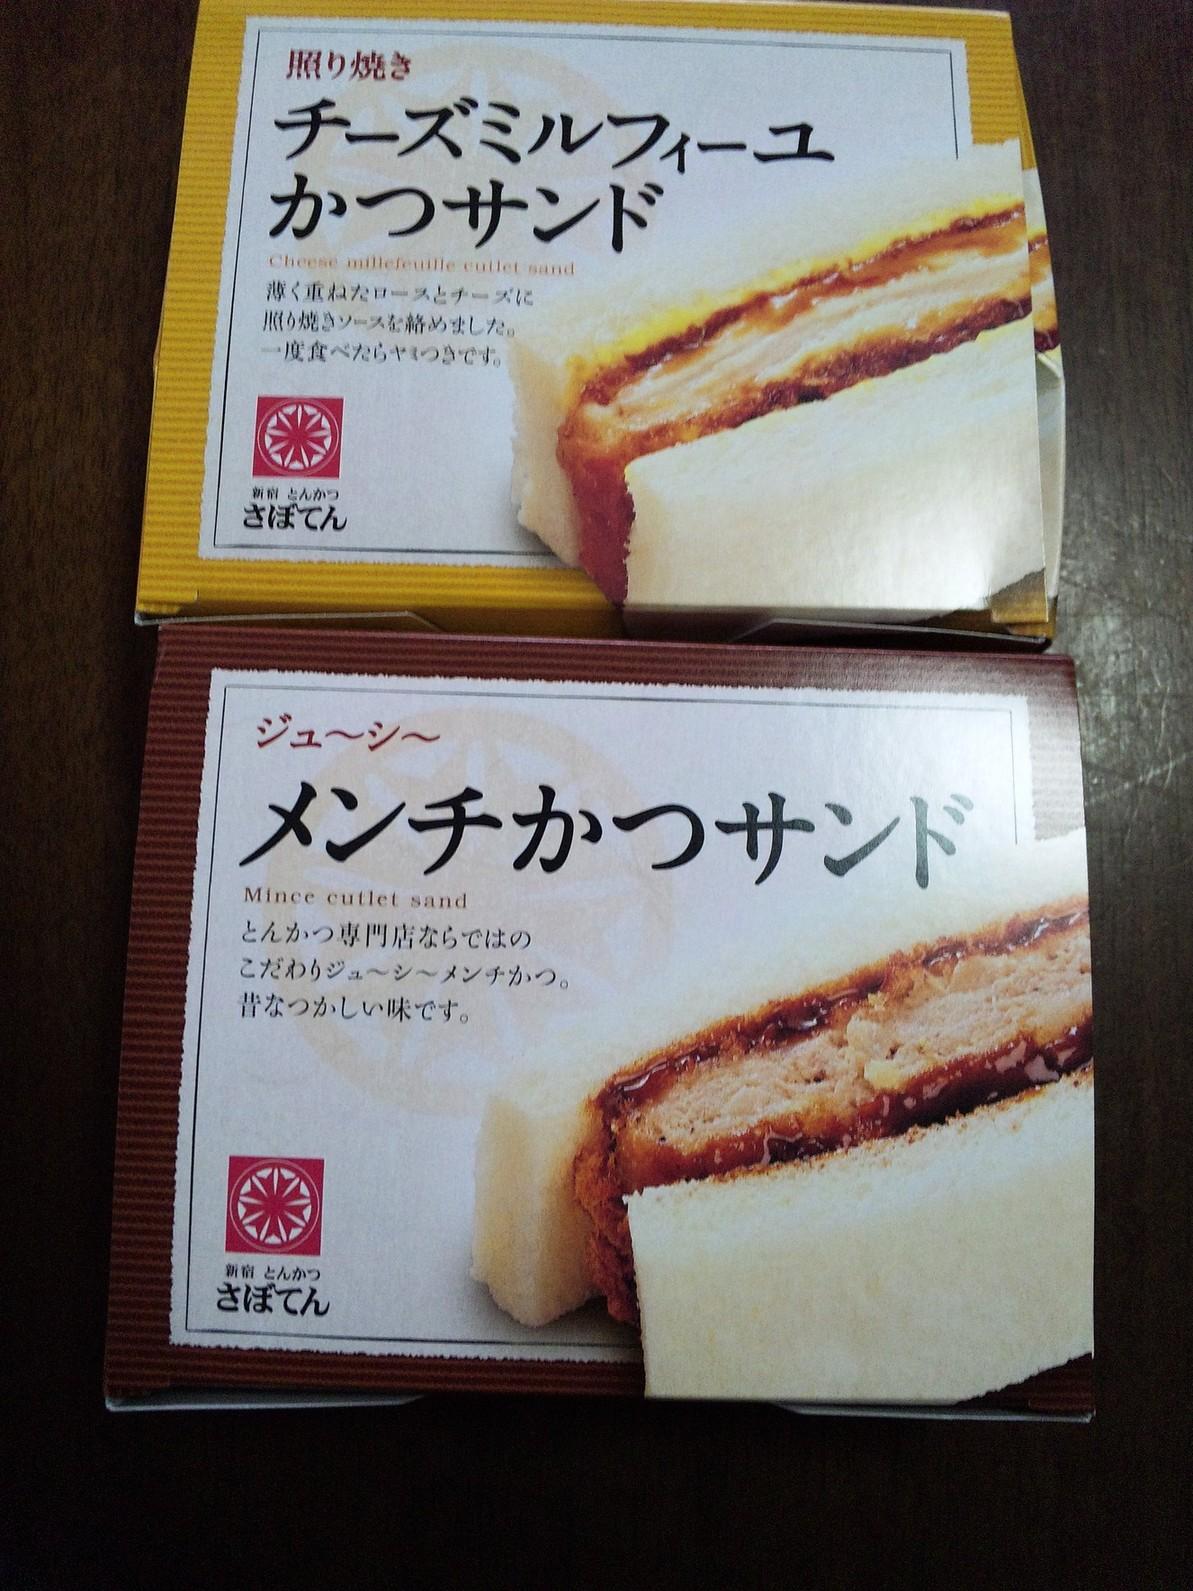 新宿 さぼてん 秋田トピコ店